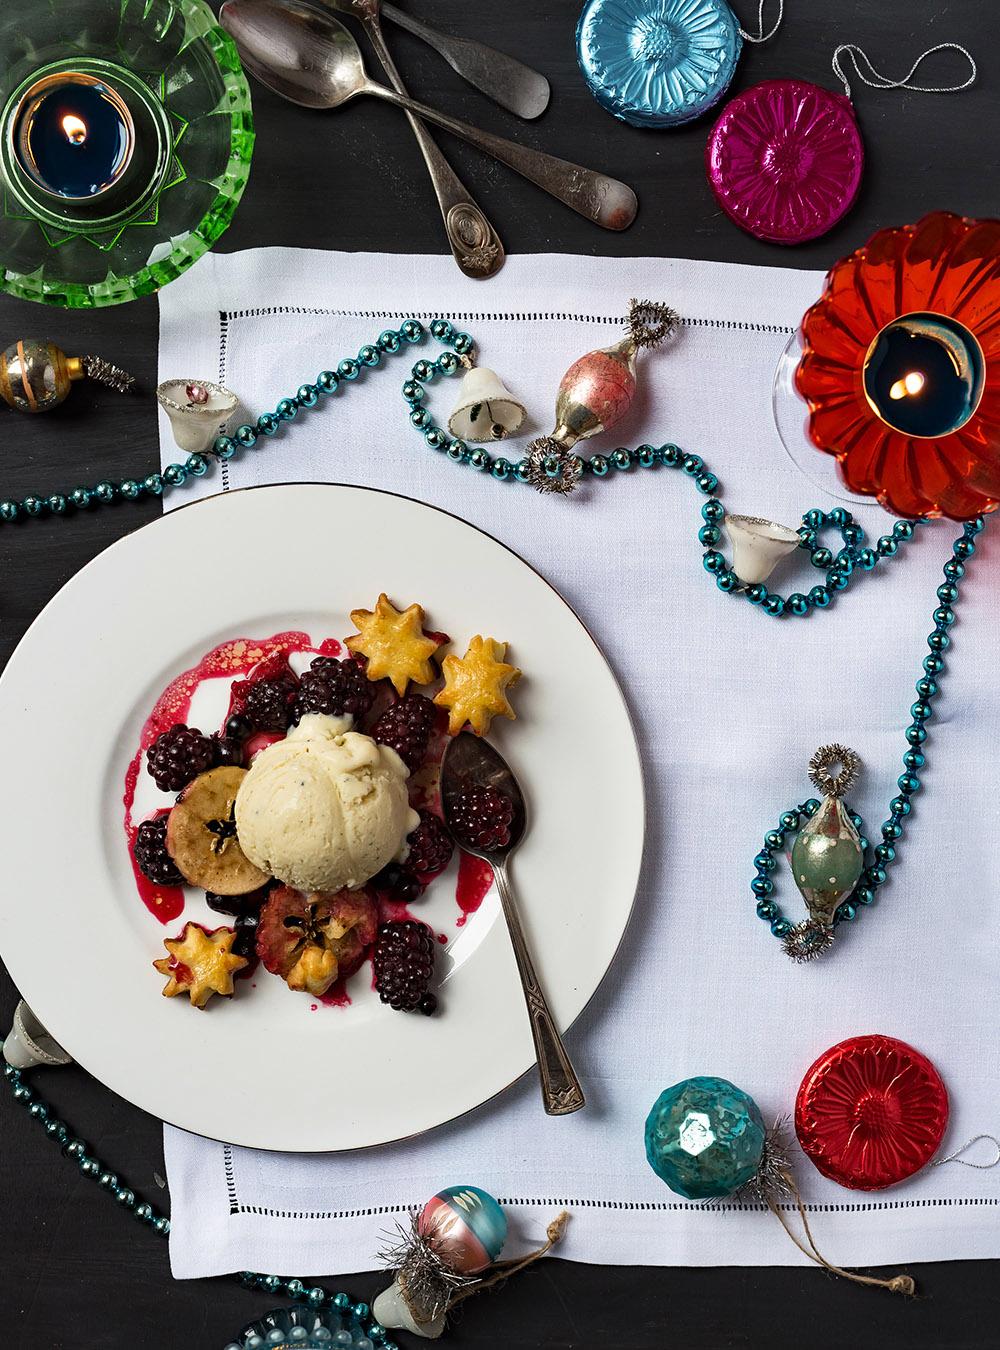 Glüh-Beeren-Pie mit Kardamom Eis